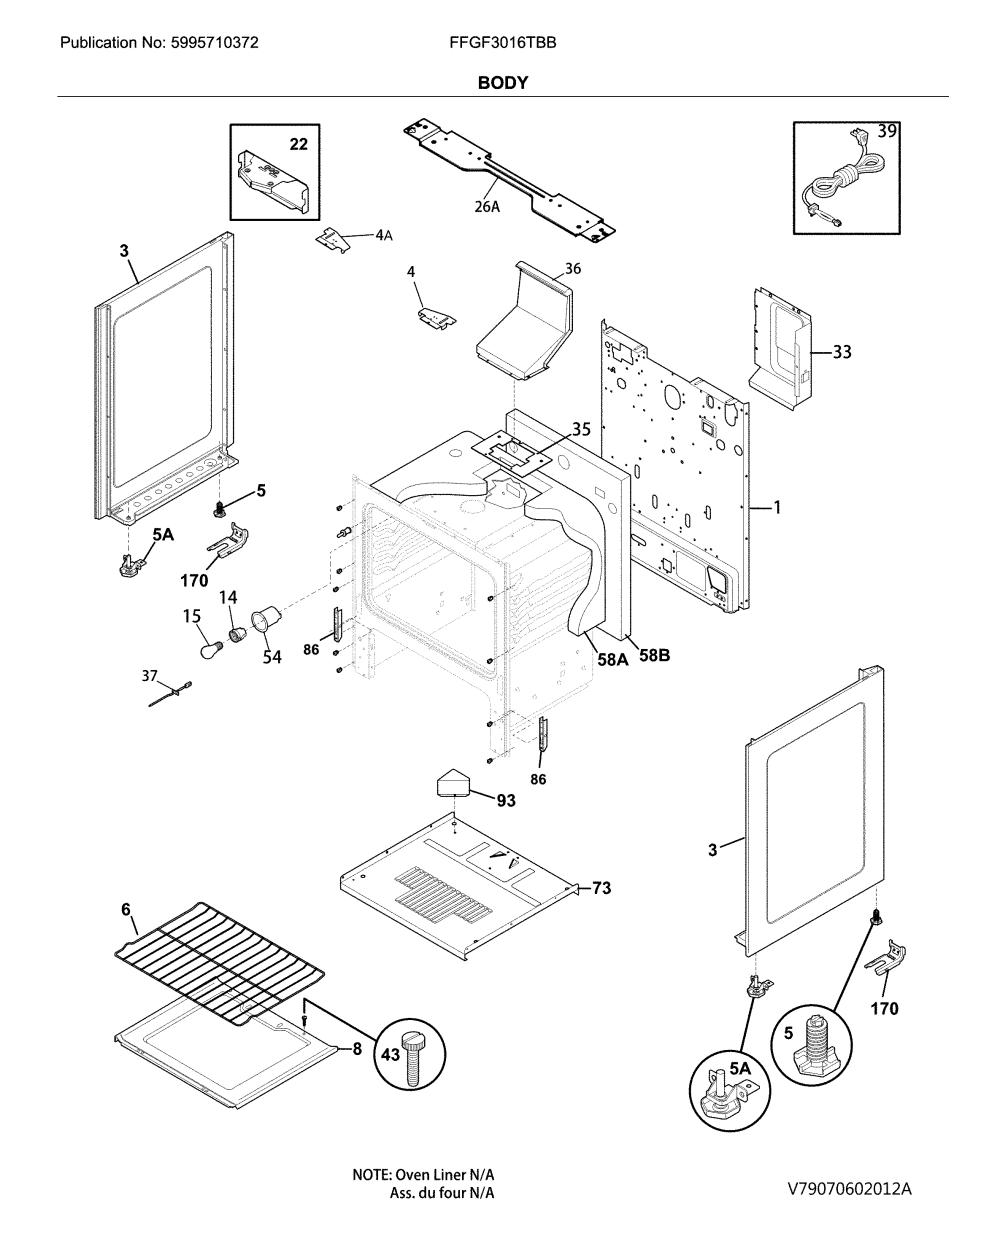 medium resolution of frigidaire ffgf3016tbb body diagram